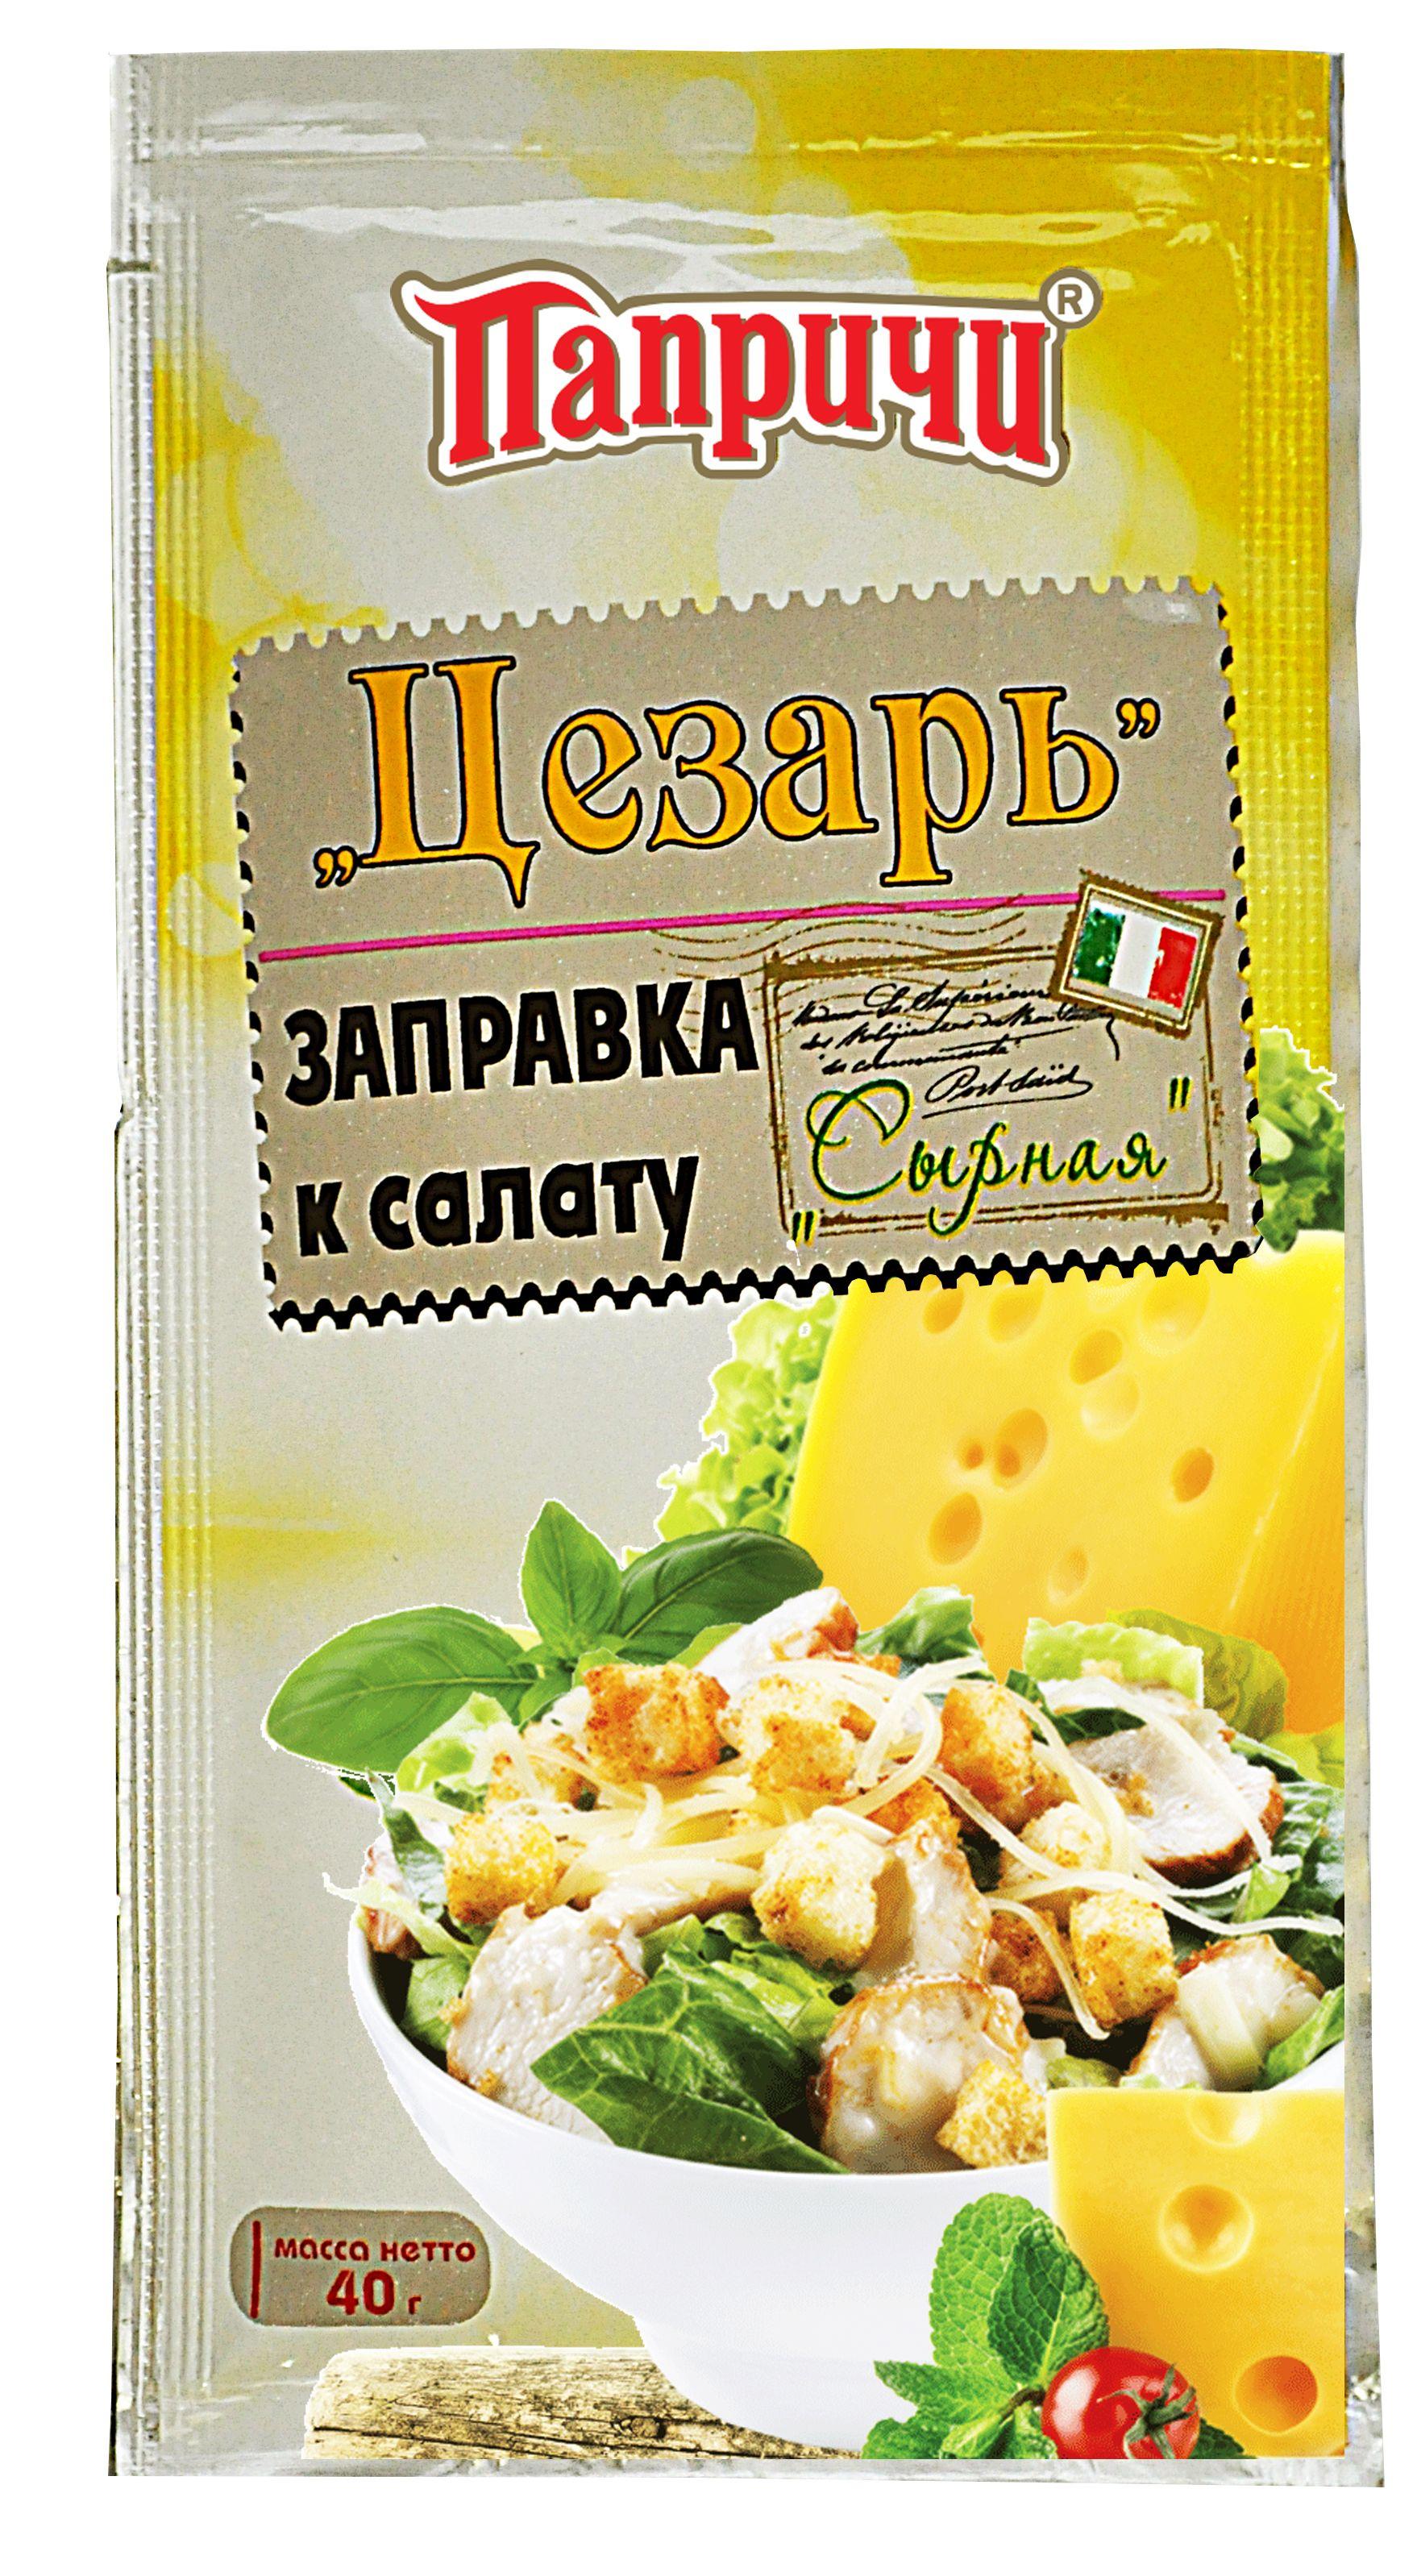 Заправка Сырная 40г к салату Цезарь, Папричи, Сэн Сой Премиум